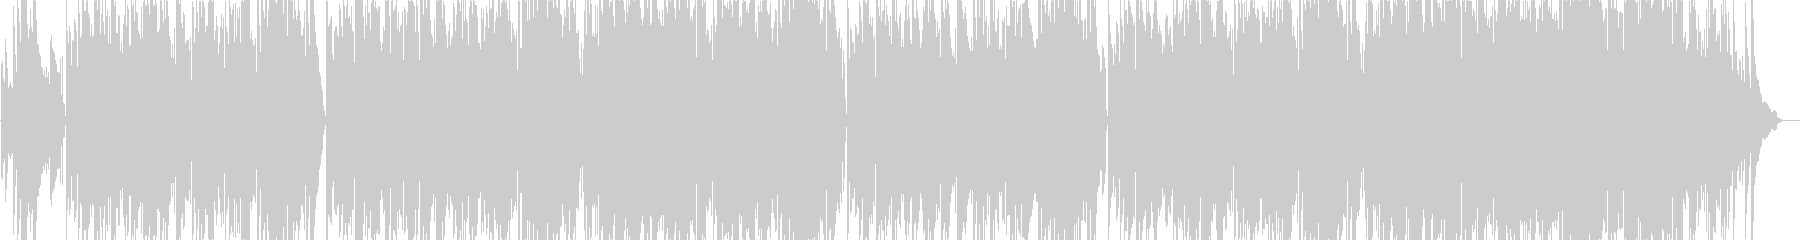 ピアノ主体のクラシックアレンジトラック の未再生の波形